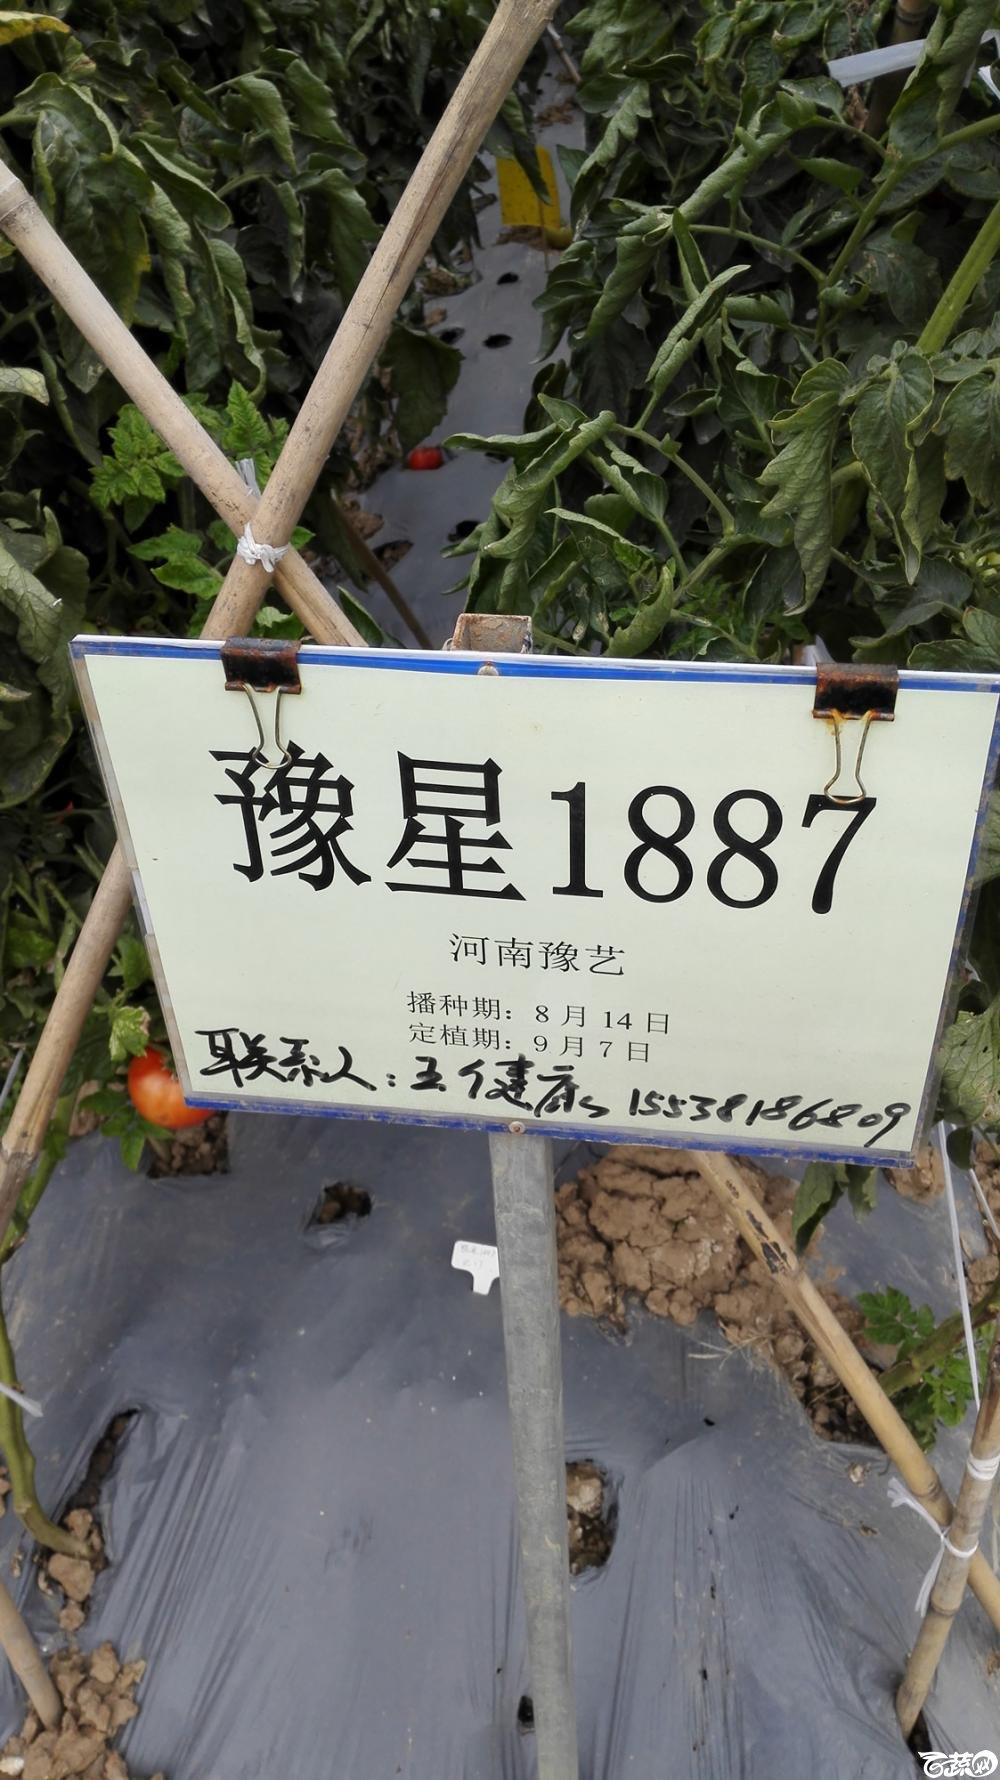 2014年12月8号中山蔬菜新品种展示会_番茄_081.jpg